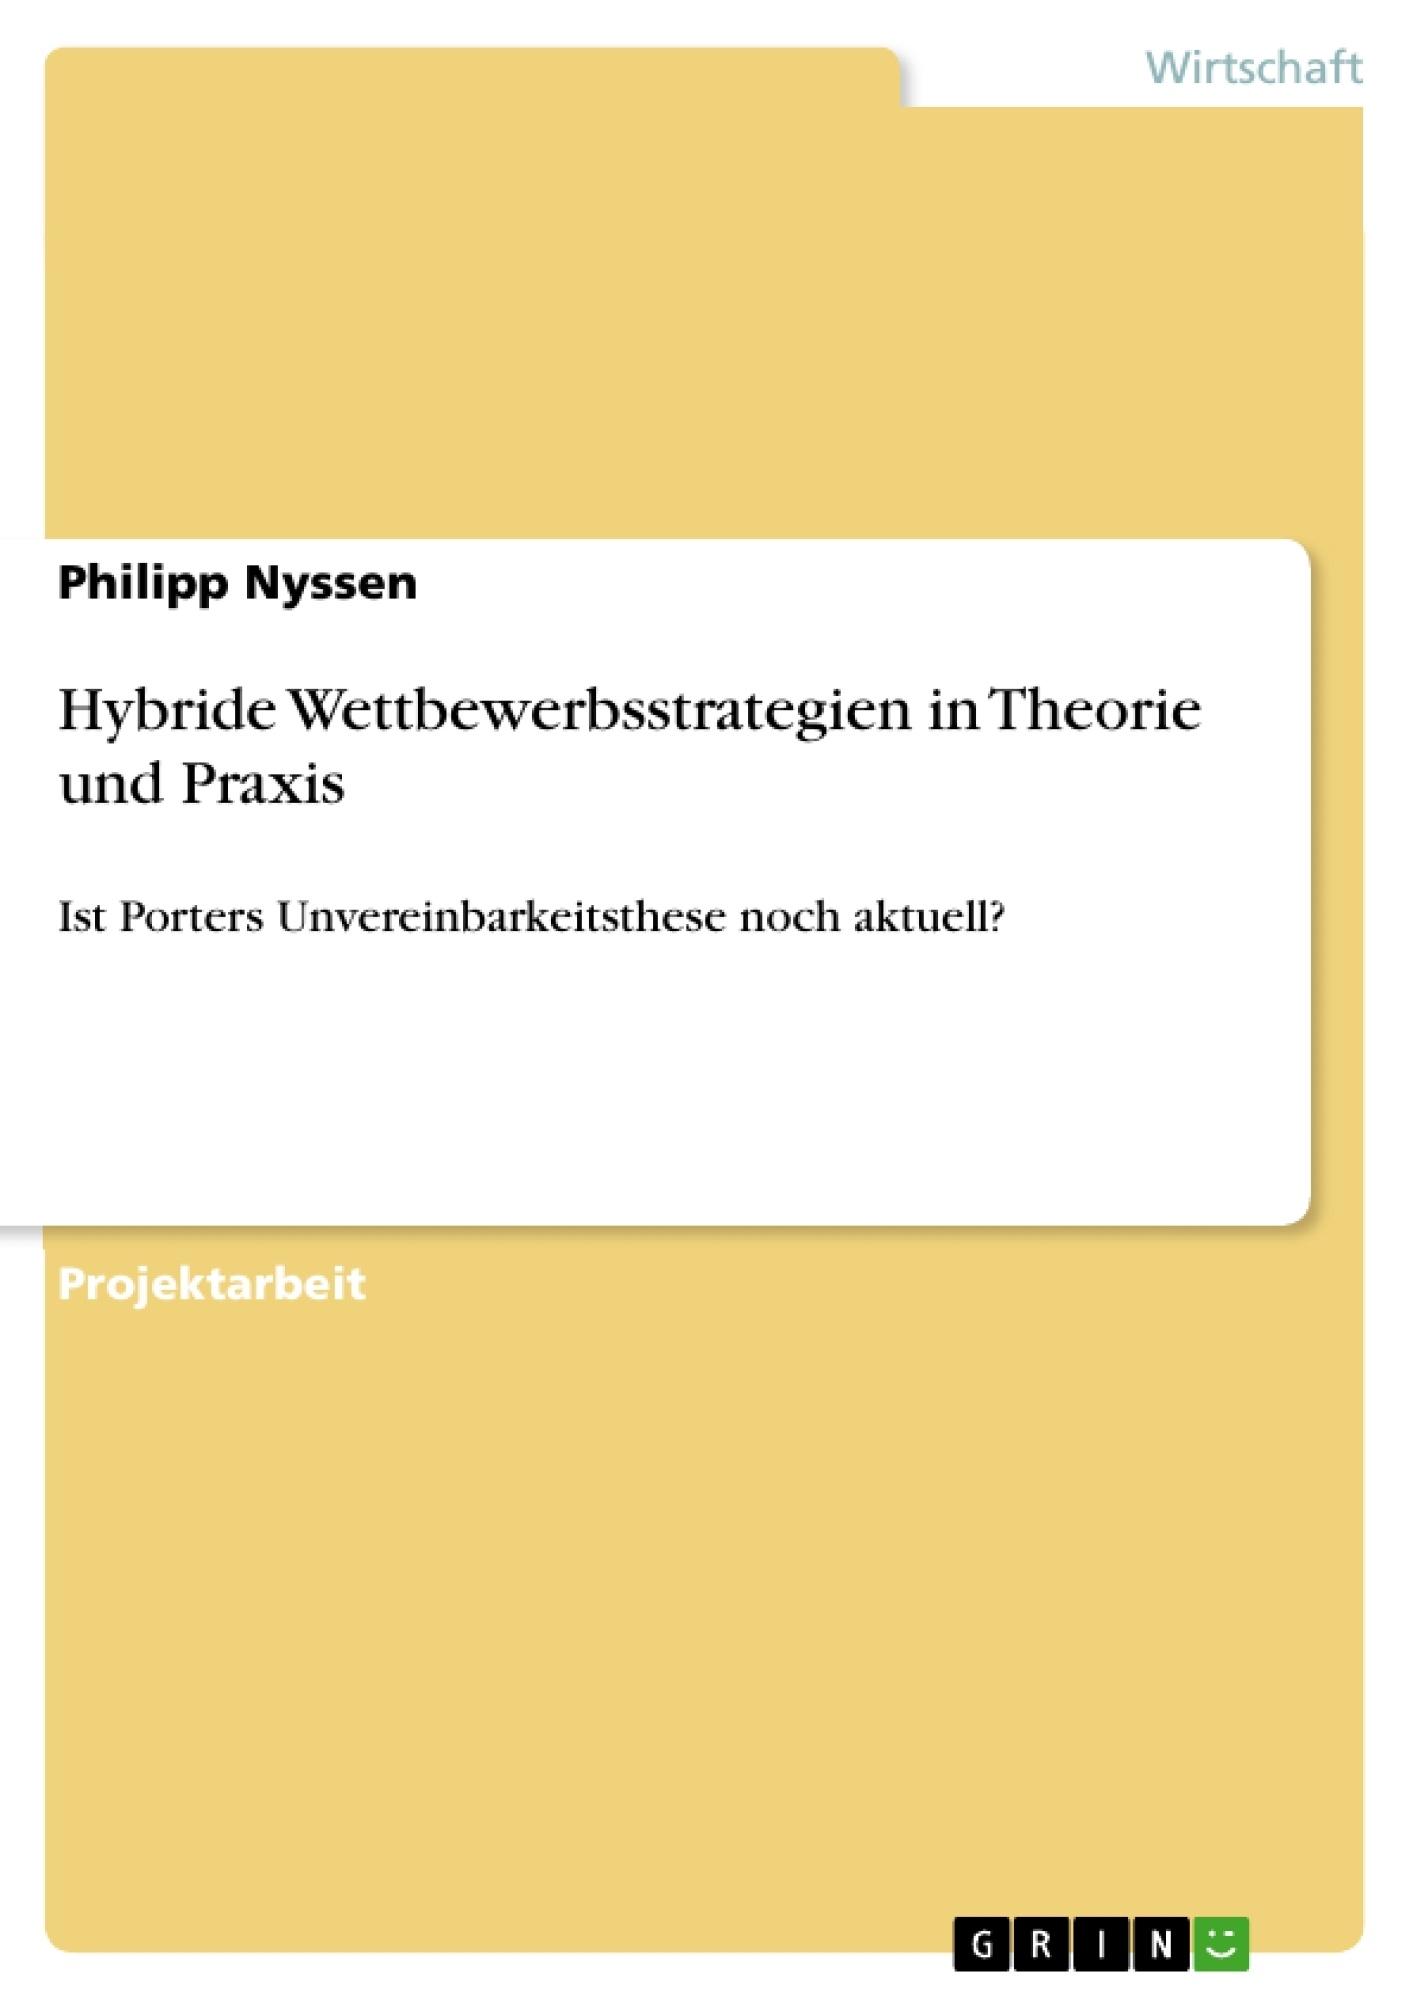 Titel: Hybride Wettbewerbsstrategien in Theorie und Praxis